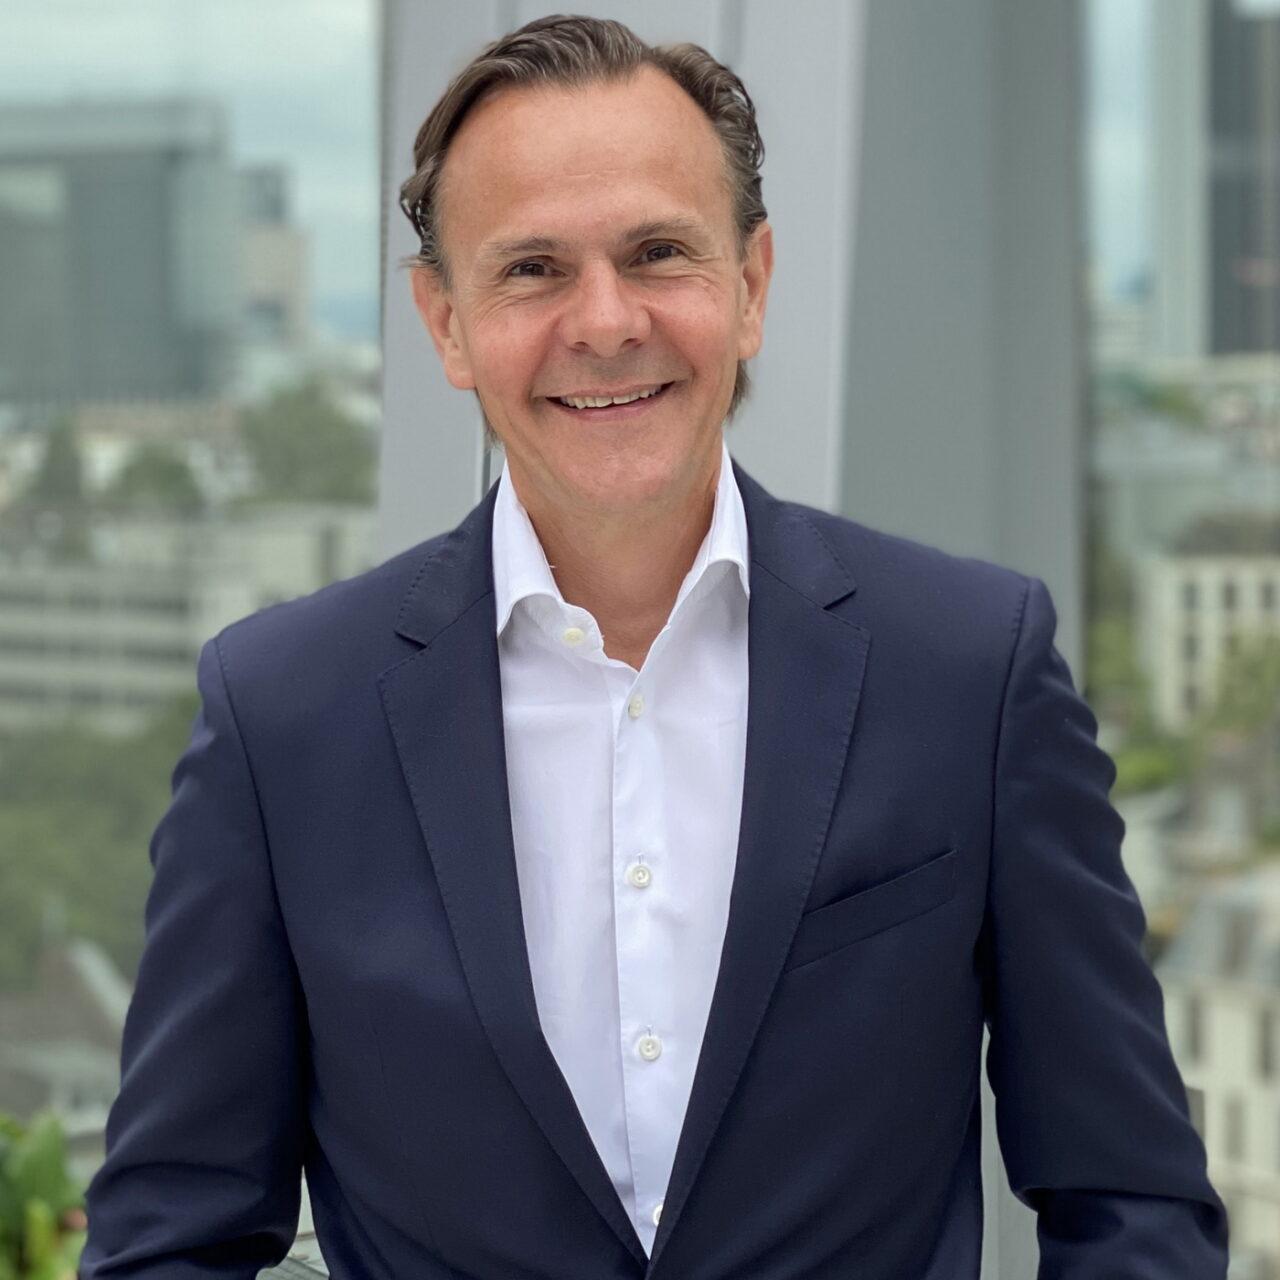 Björn Jesch neuer CEO bei DWS CHAG